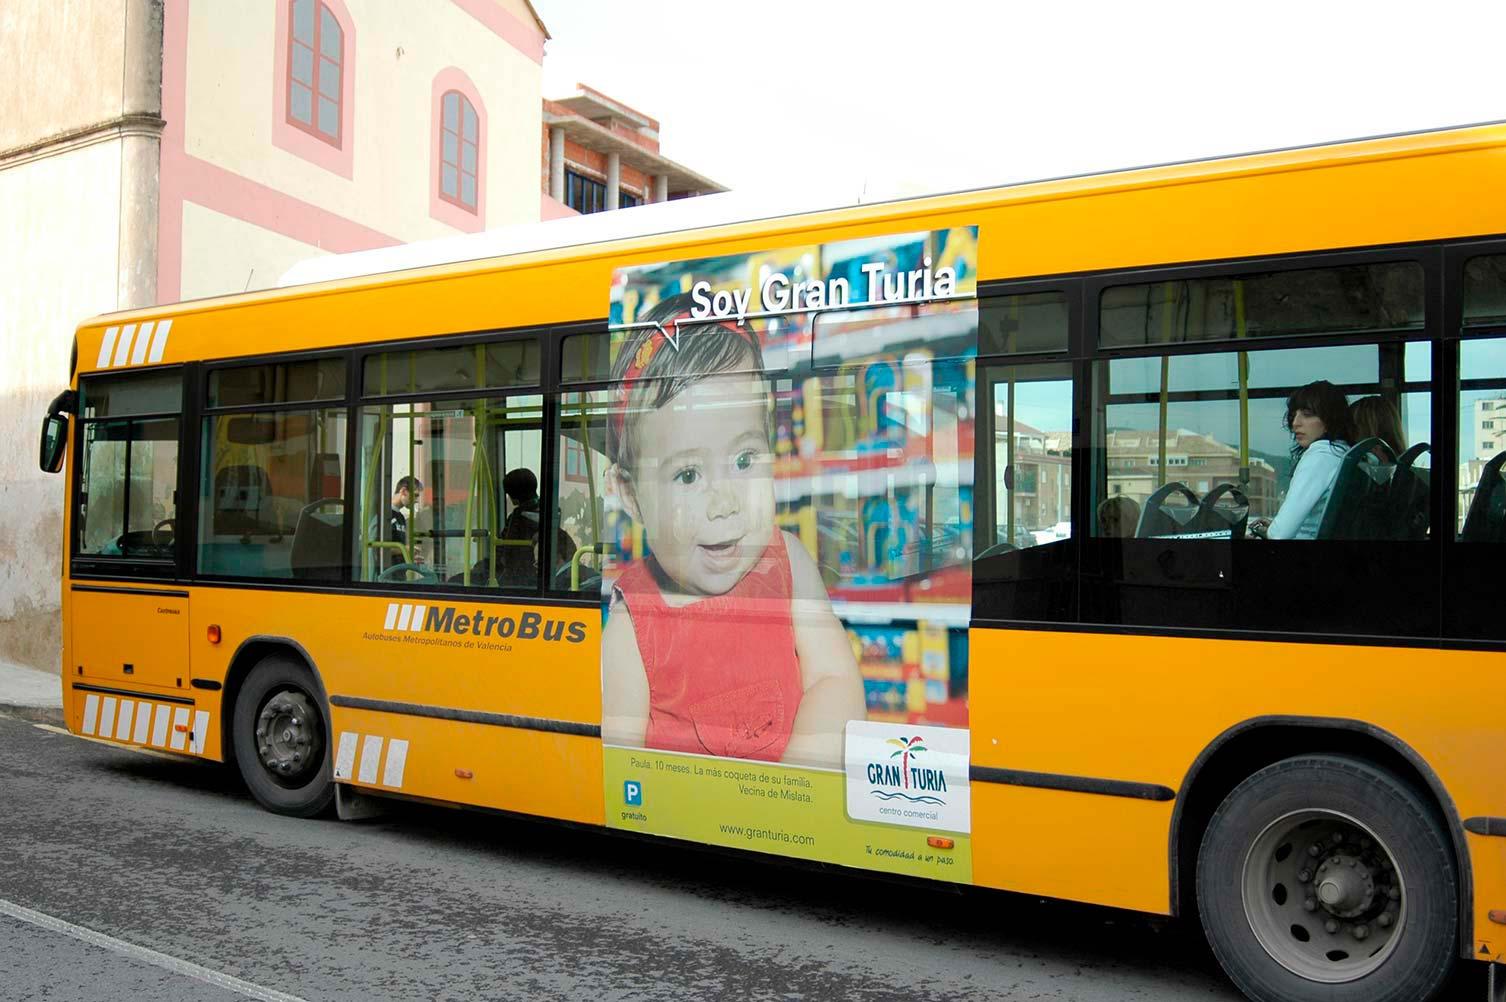 Rotulación publicidad CC Gran Turia en bus